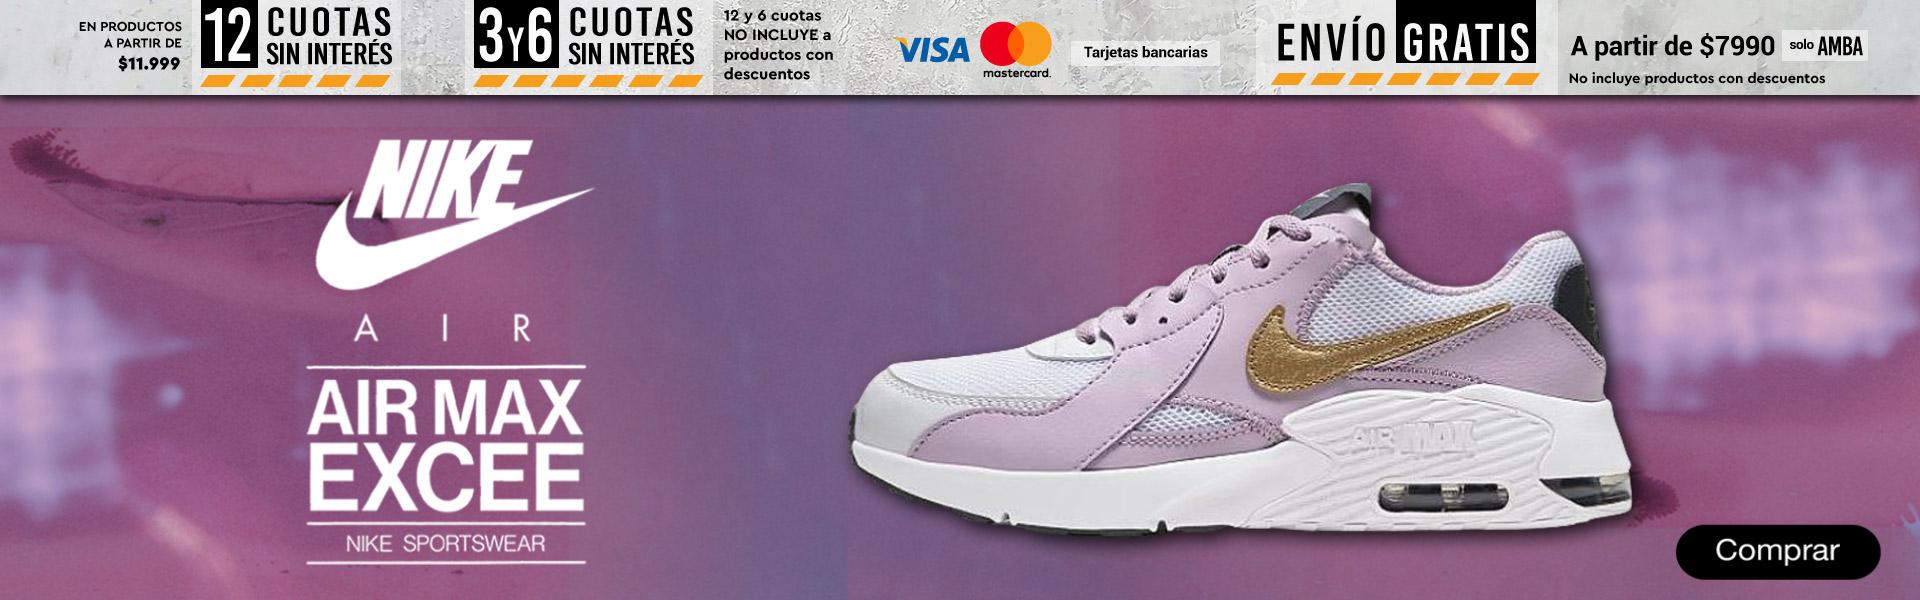 Nike Excee DT